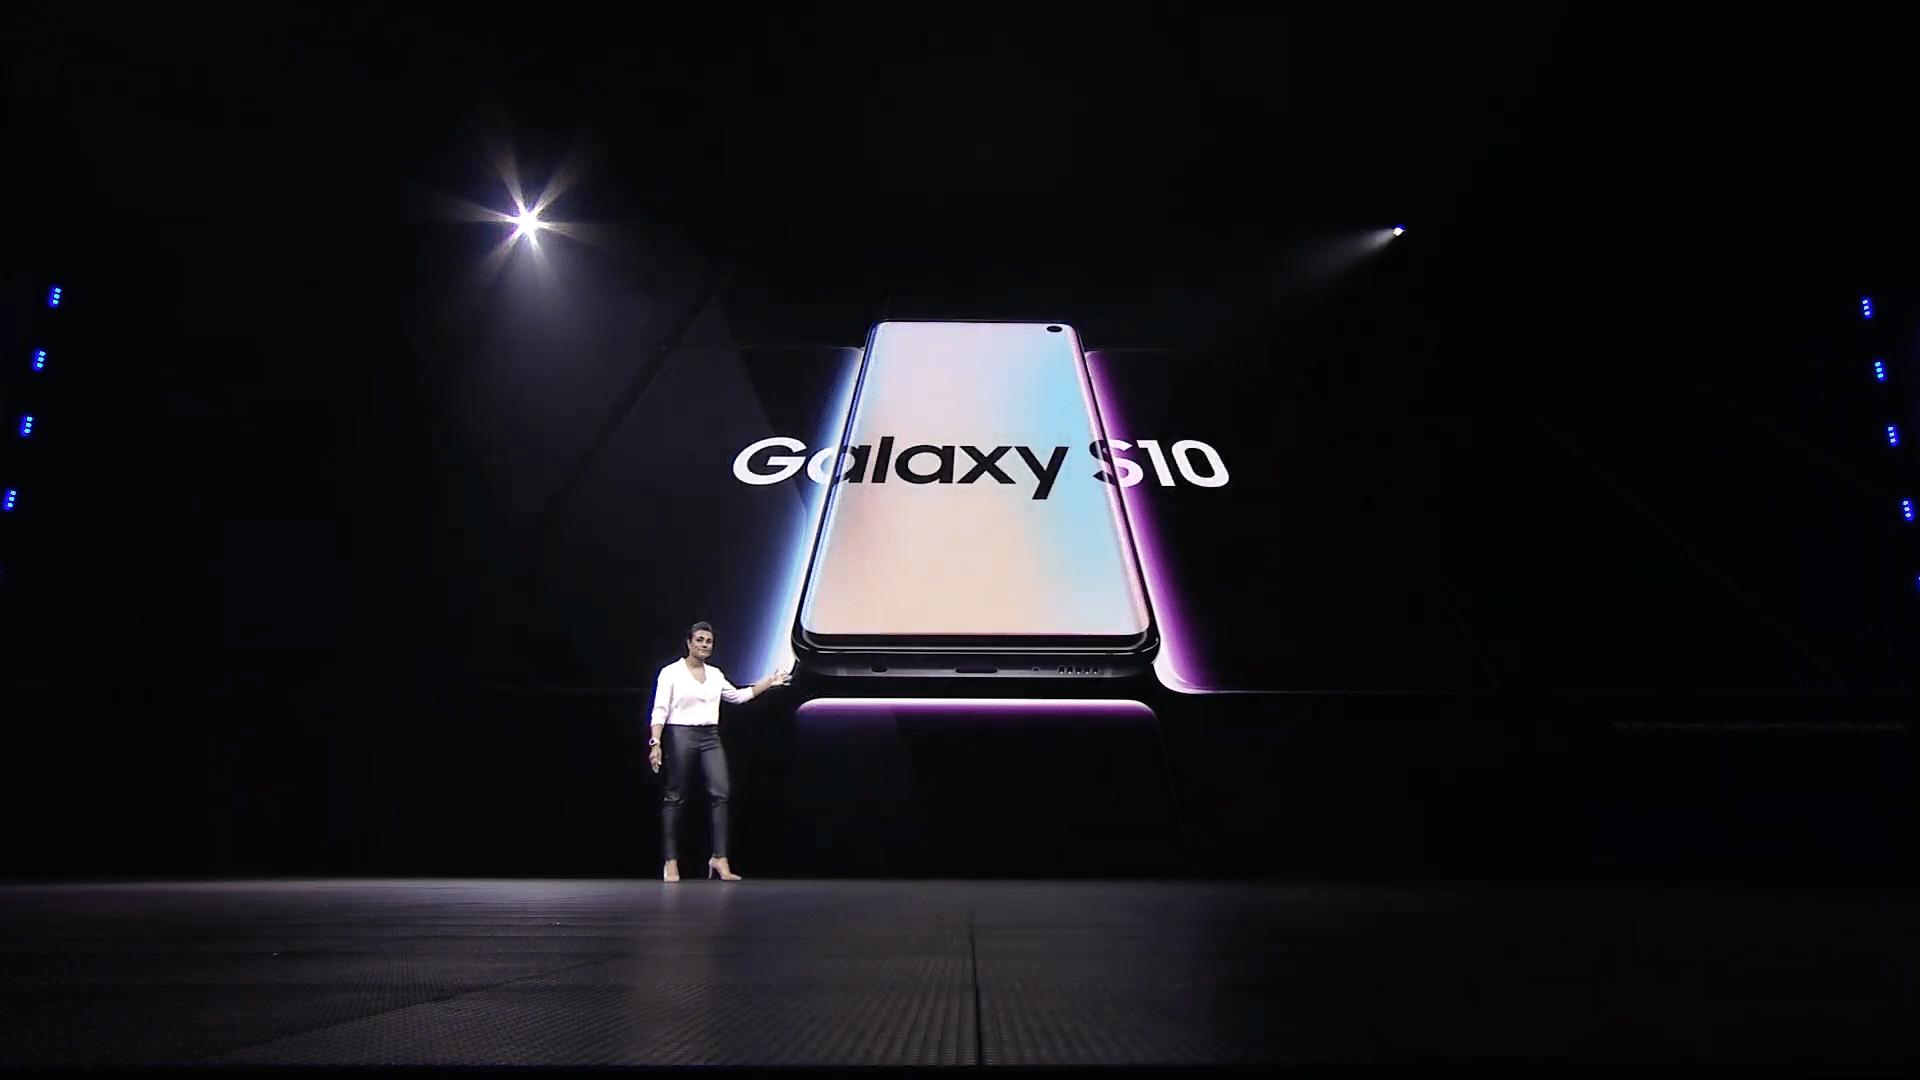 Главный аналитик Apple: Samsung Galaxy S10 лучше iPhone